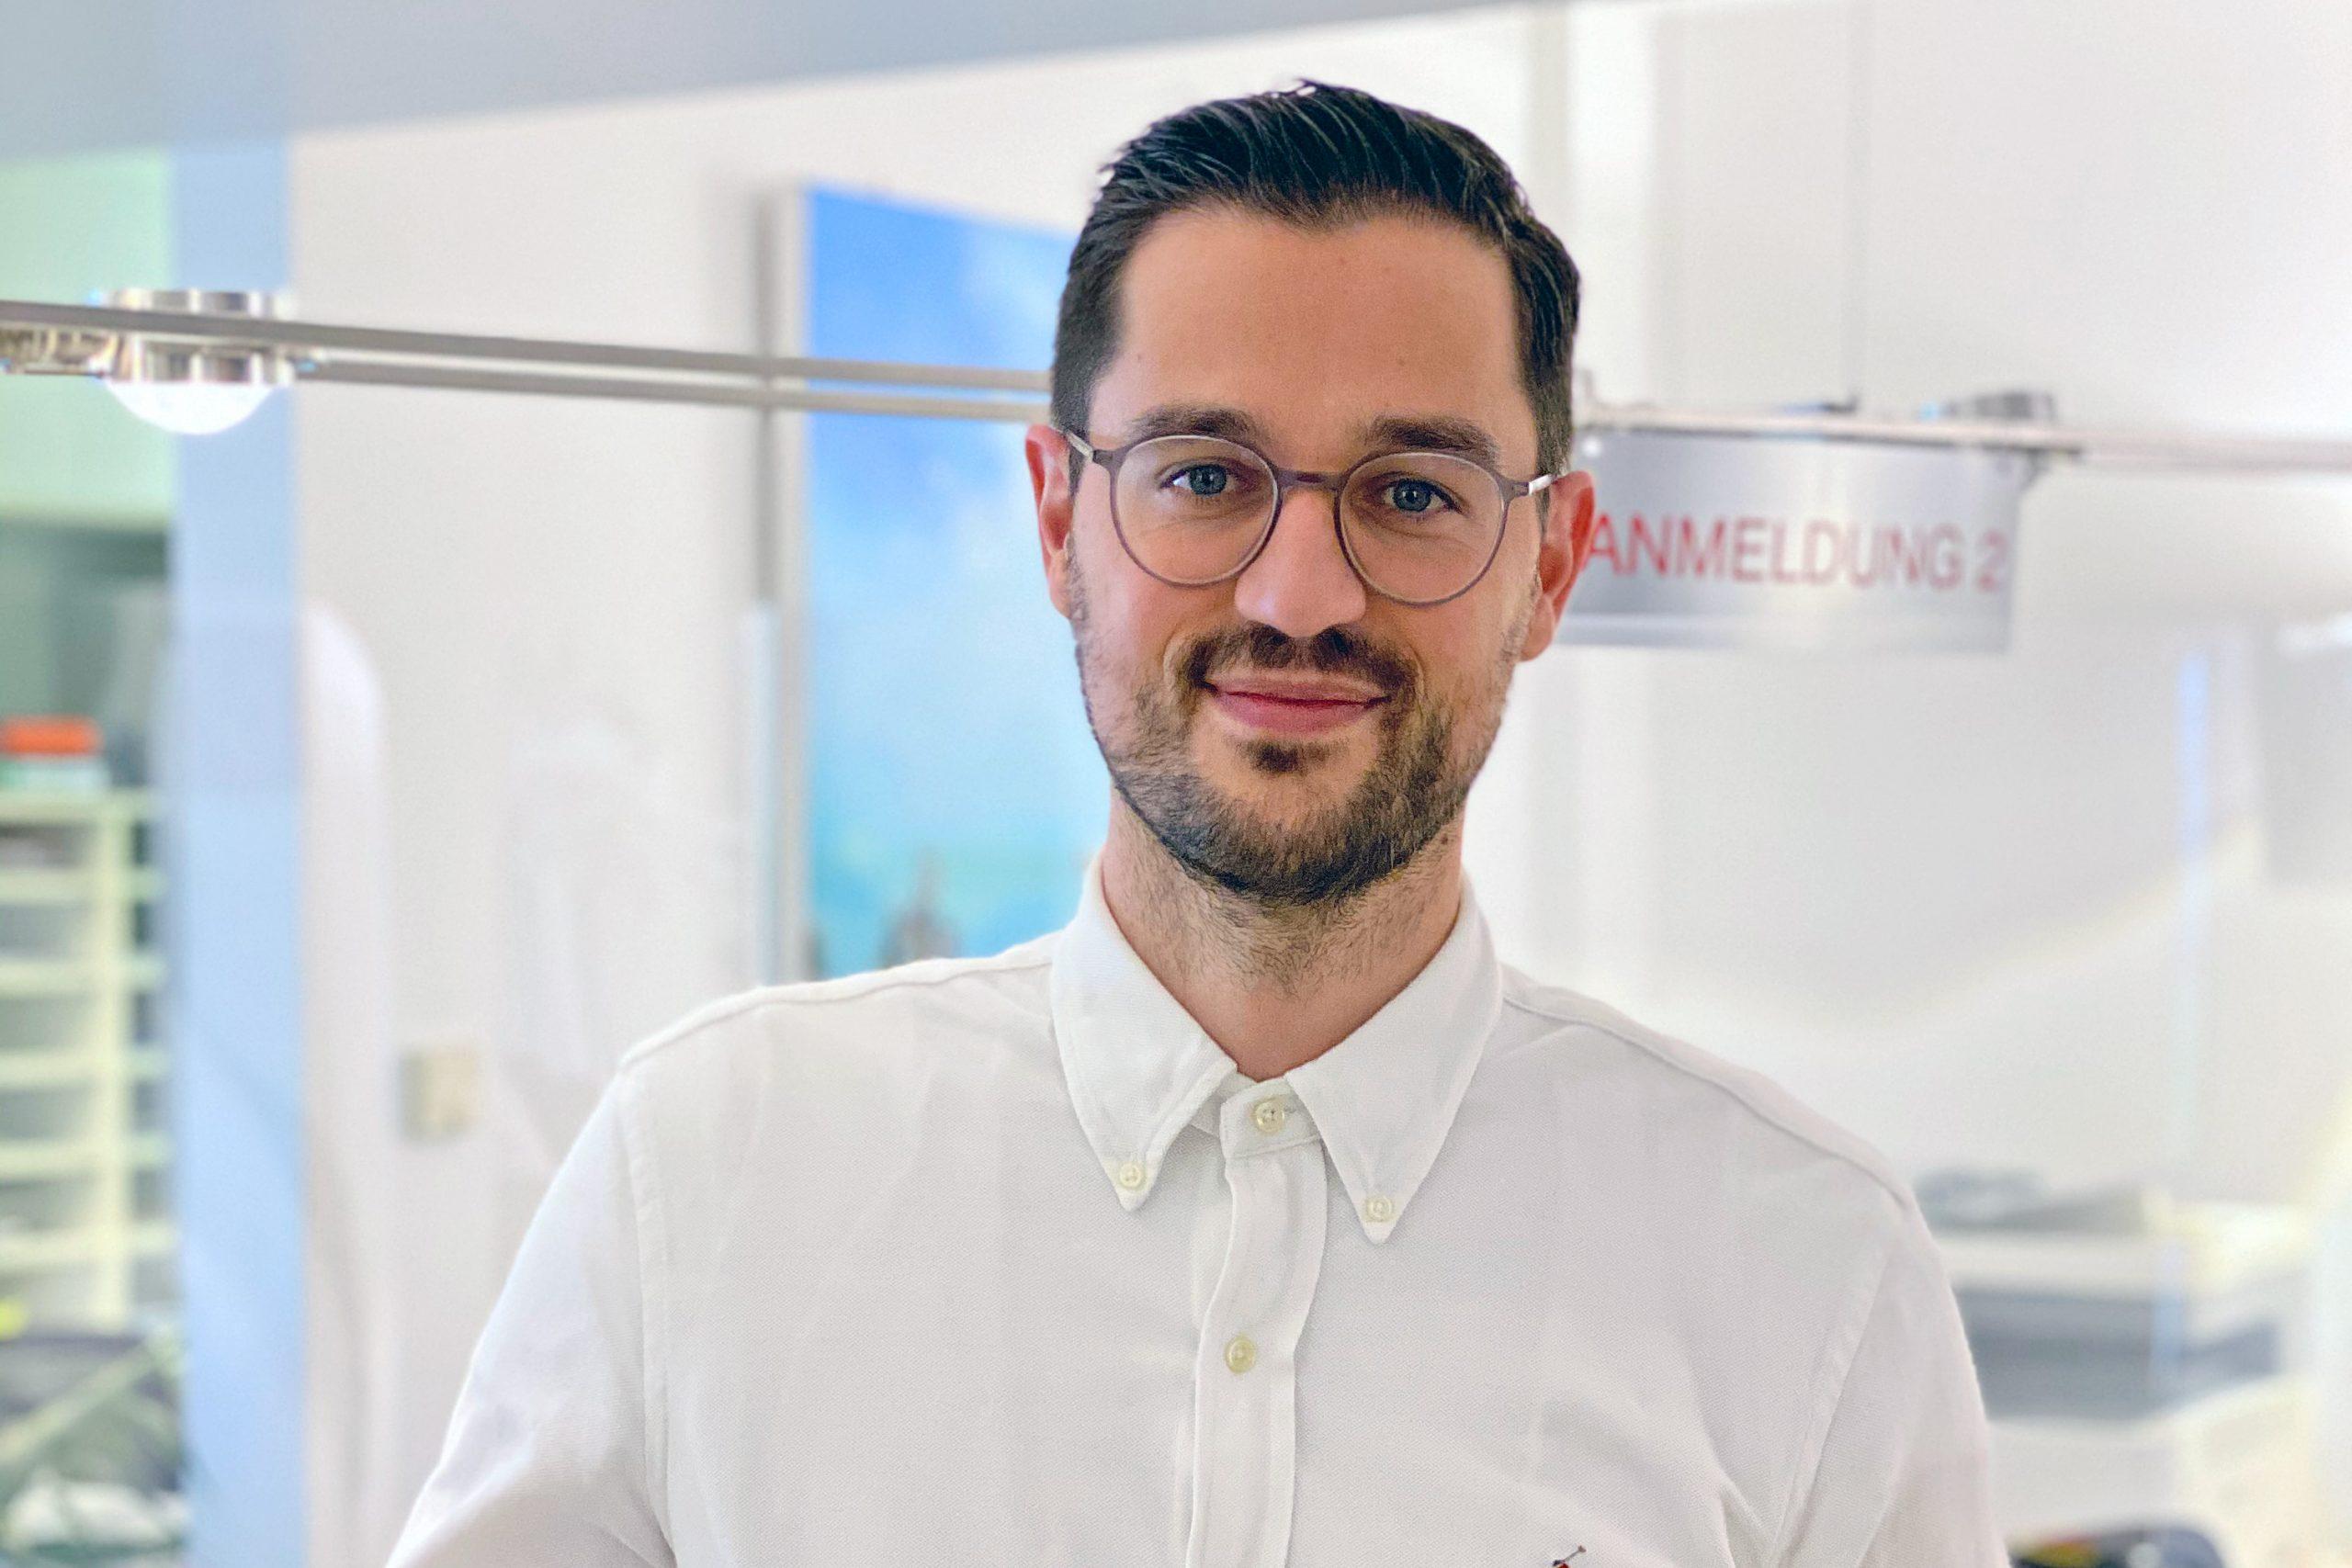 PD Dr. med. Jan Malte Bumb